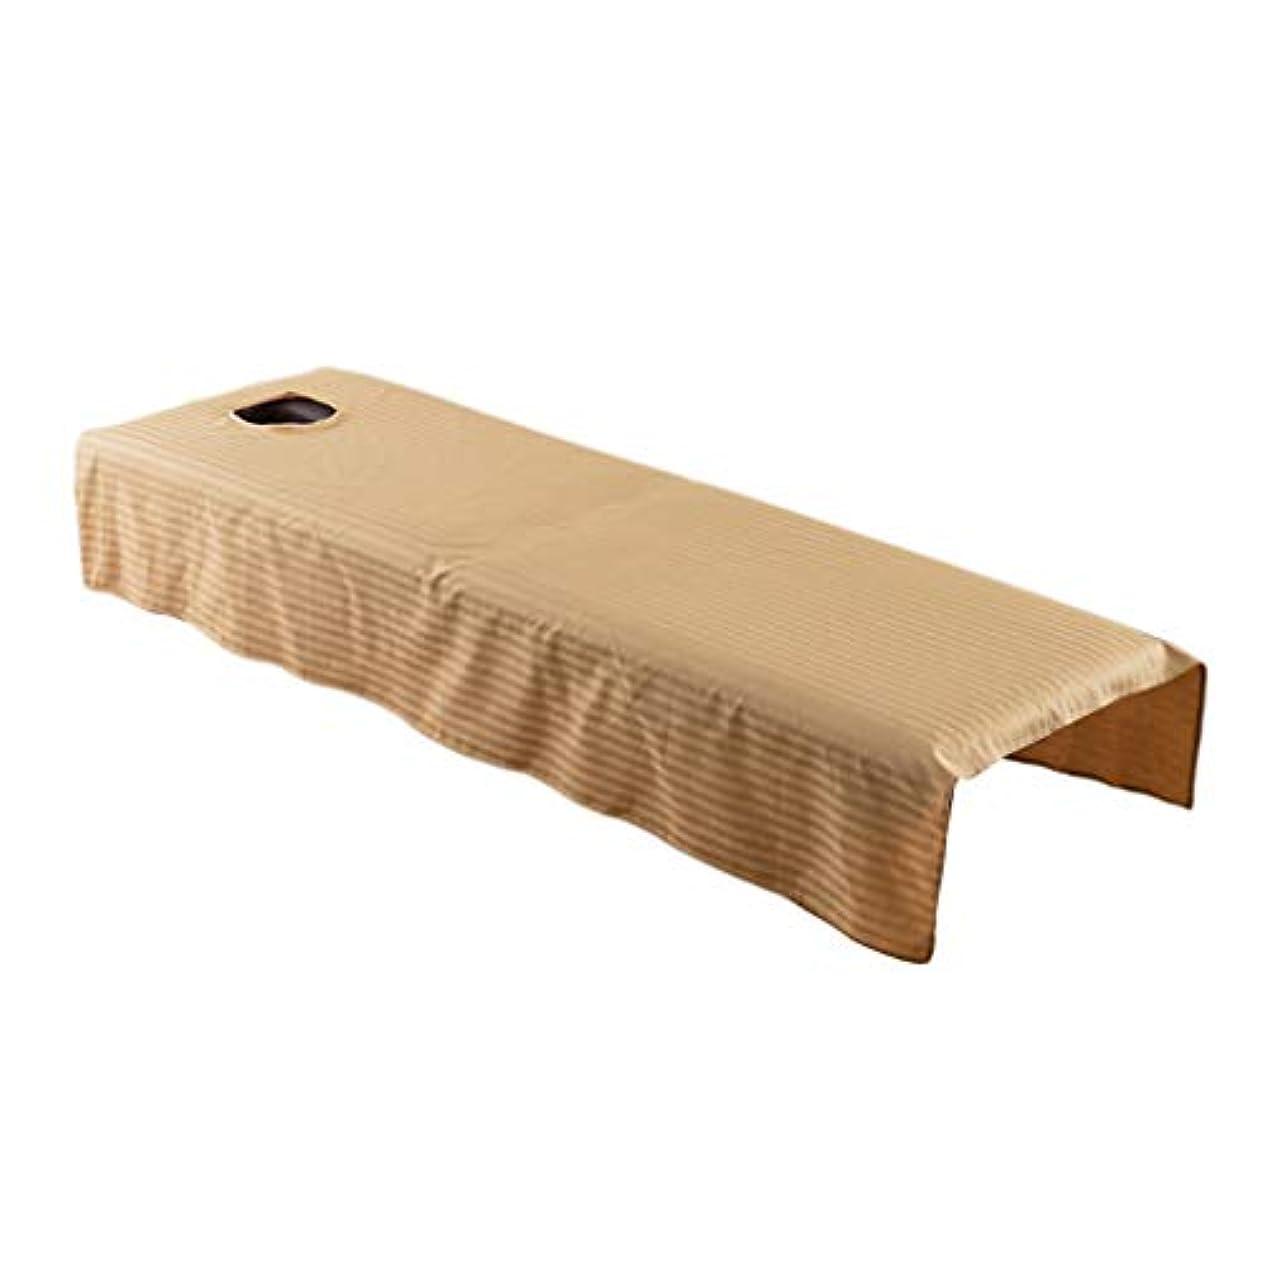 カウンターパート無能ブレーキdailymall マッサージベッド カバー 有孔 マッサージテーブル スパベッドカバー 全5カラー - キャメル